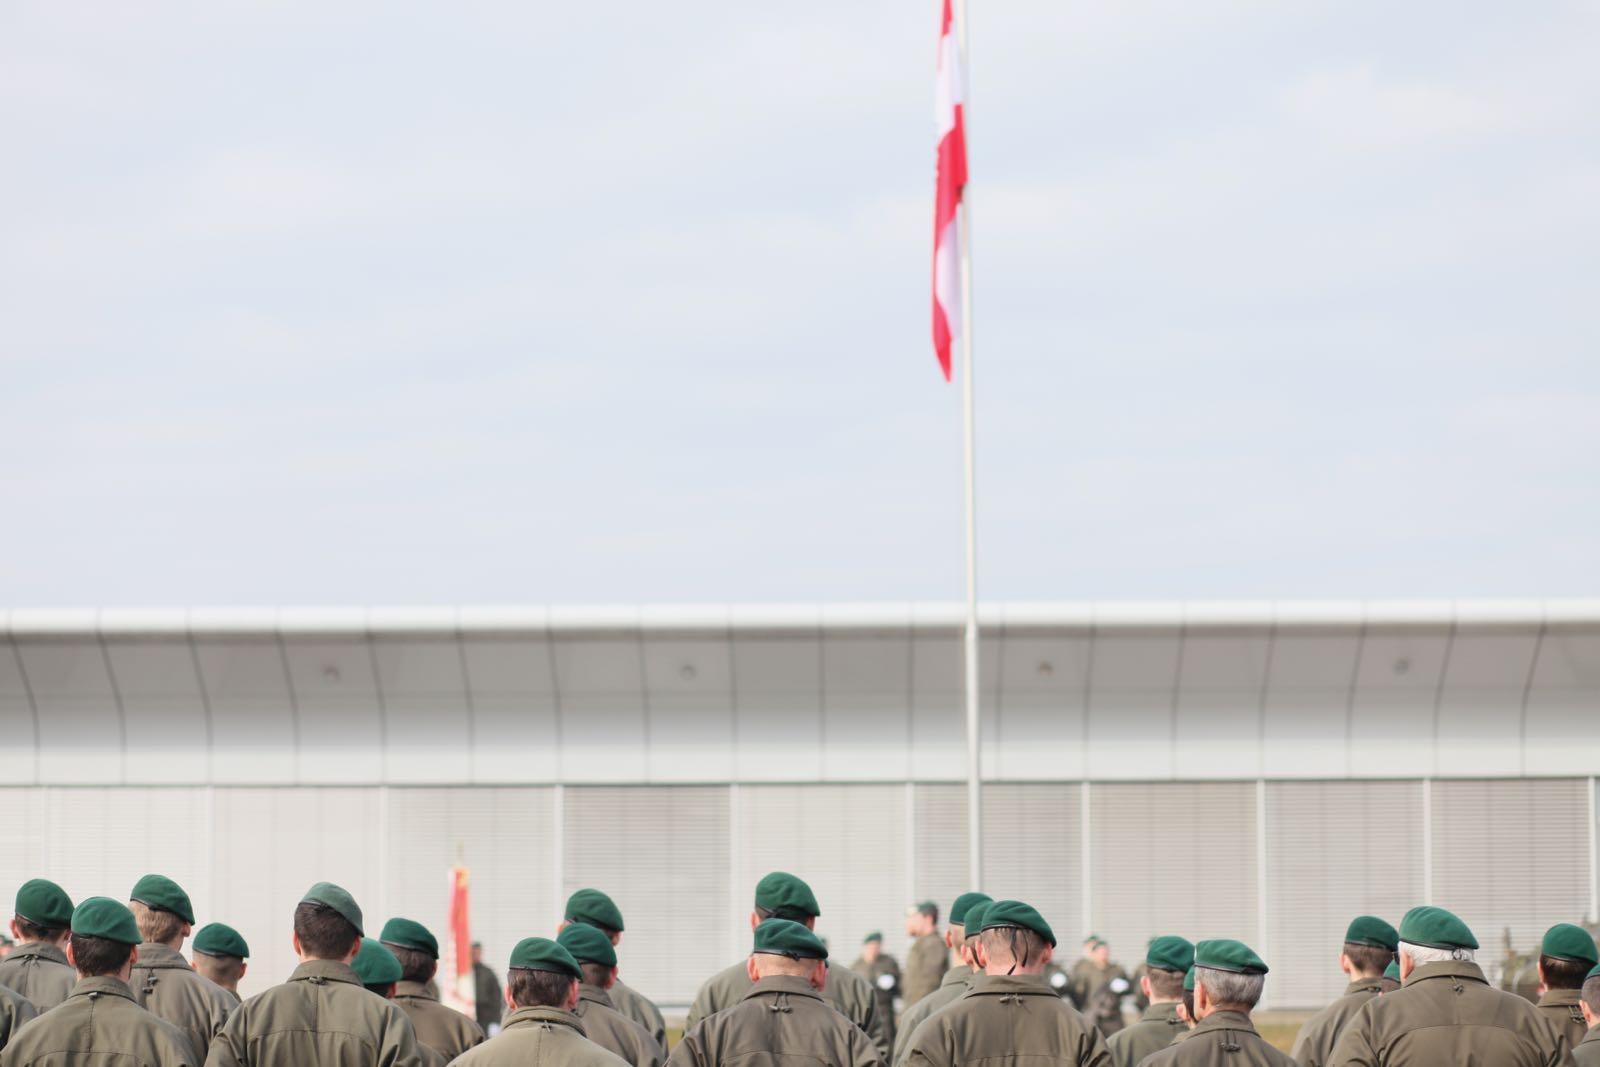 2019_02_08_5Gardekompanie_KPE_EUFOR30_Verabschiedung - 32 of 61